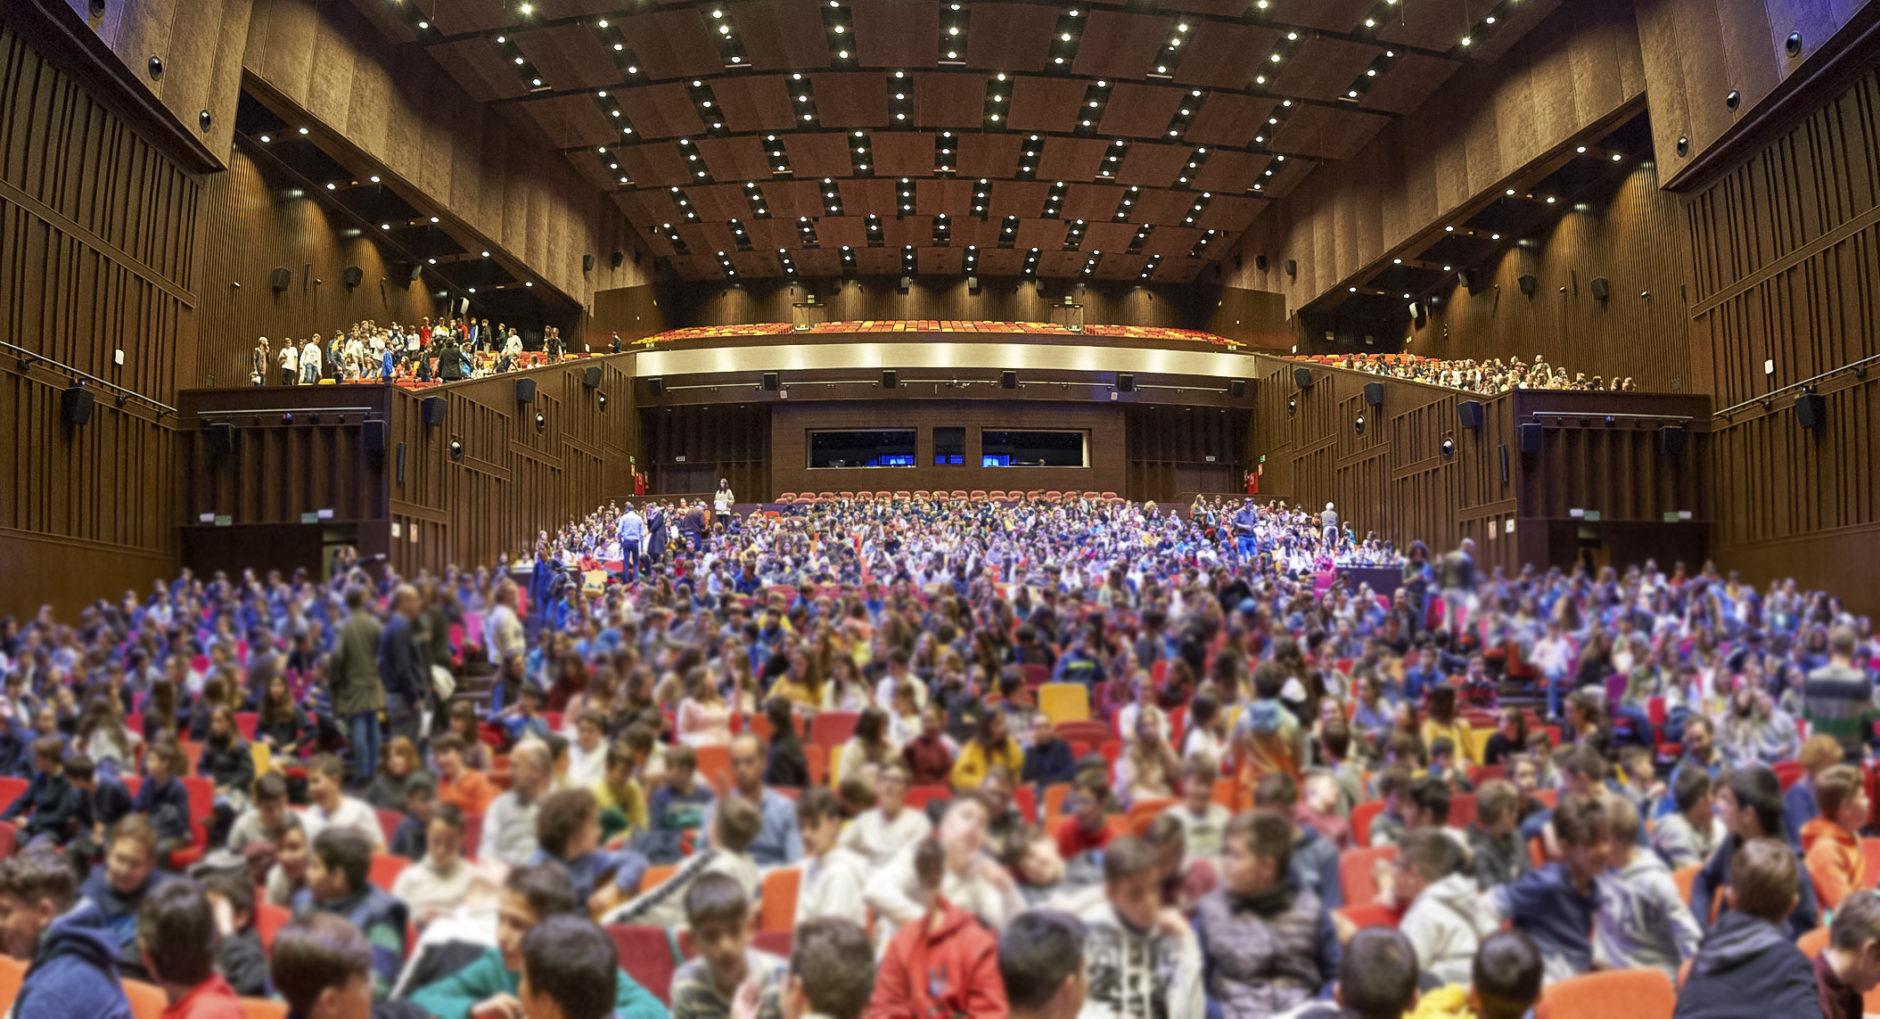 La Real Orquesta Sinfónica de Sevilla ofrece un concierto para escolares 2